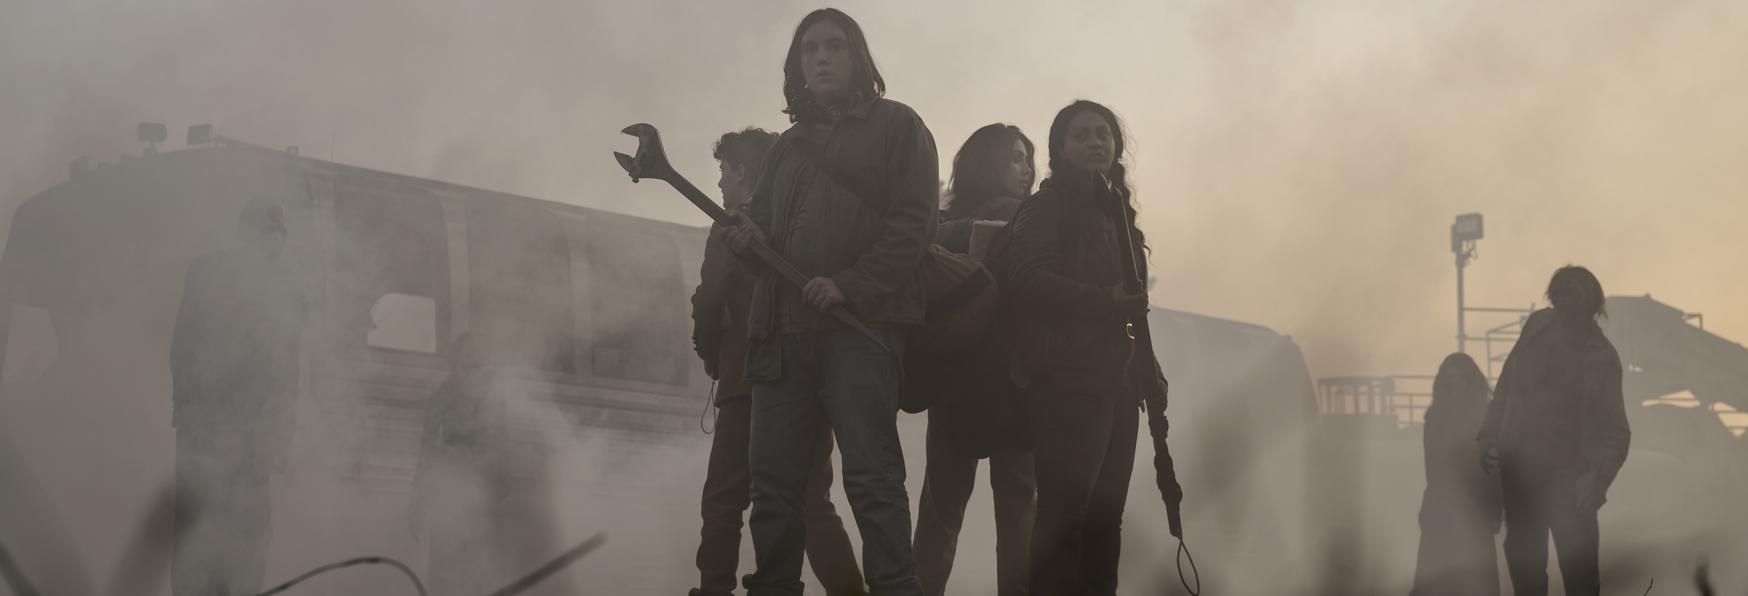 The Walking Dead: il Trailer del Secondo Spin-off, in arrivo su Amazon Prime Video nel 2020